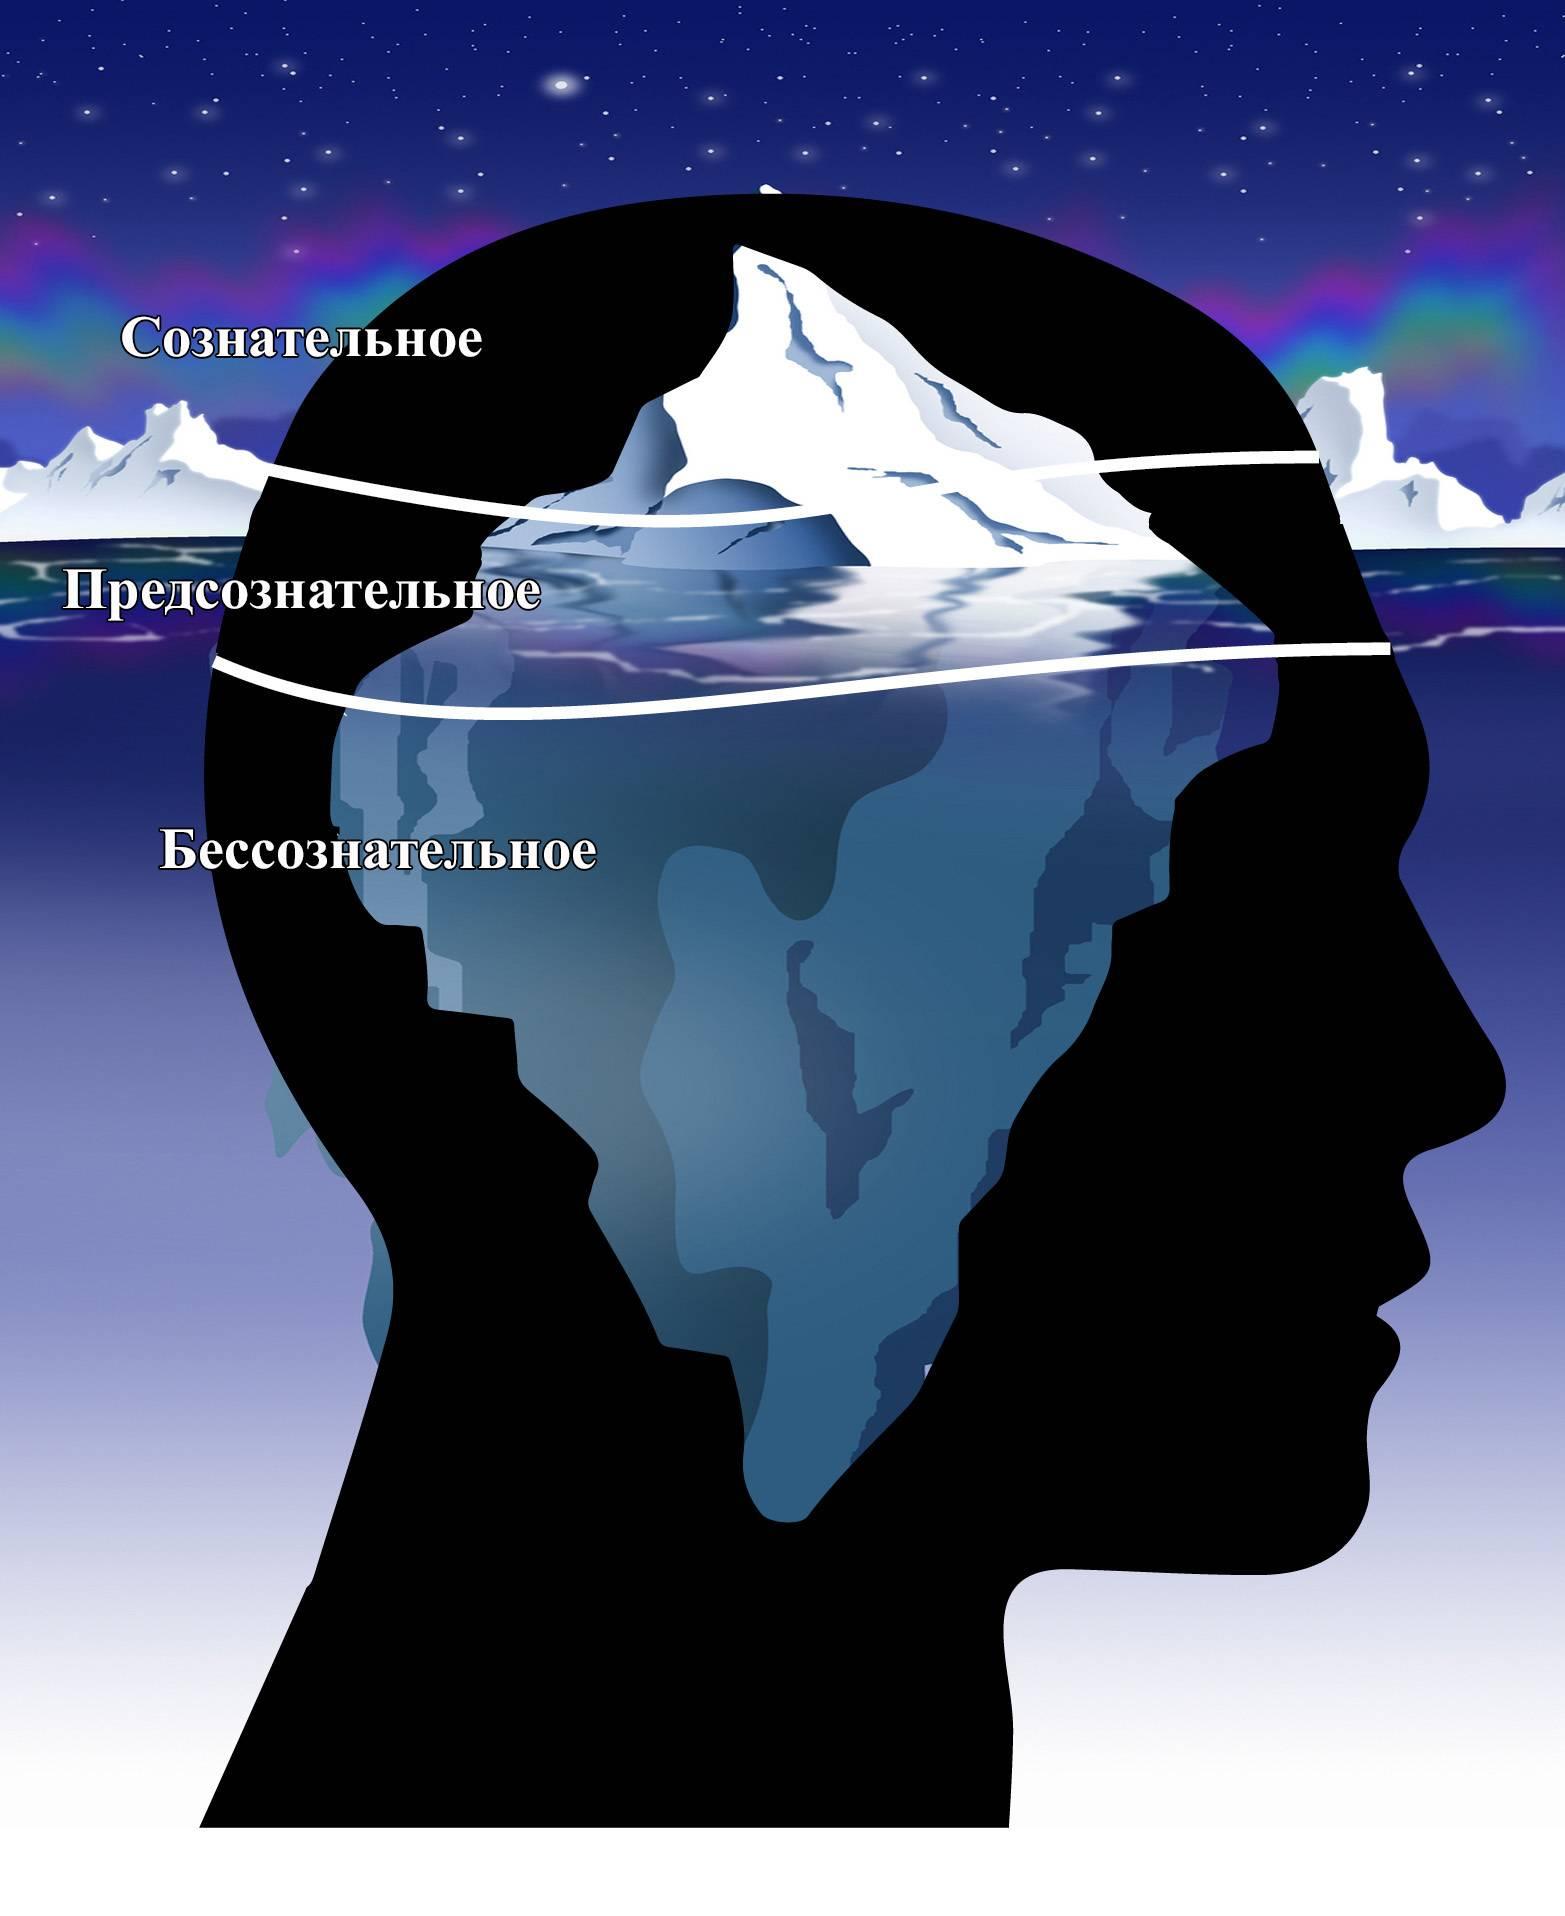 Что такое сознание в психологии, какую роль играет сознание в жизни человека?